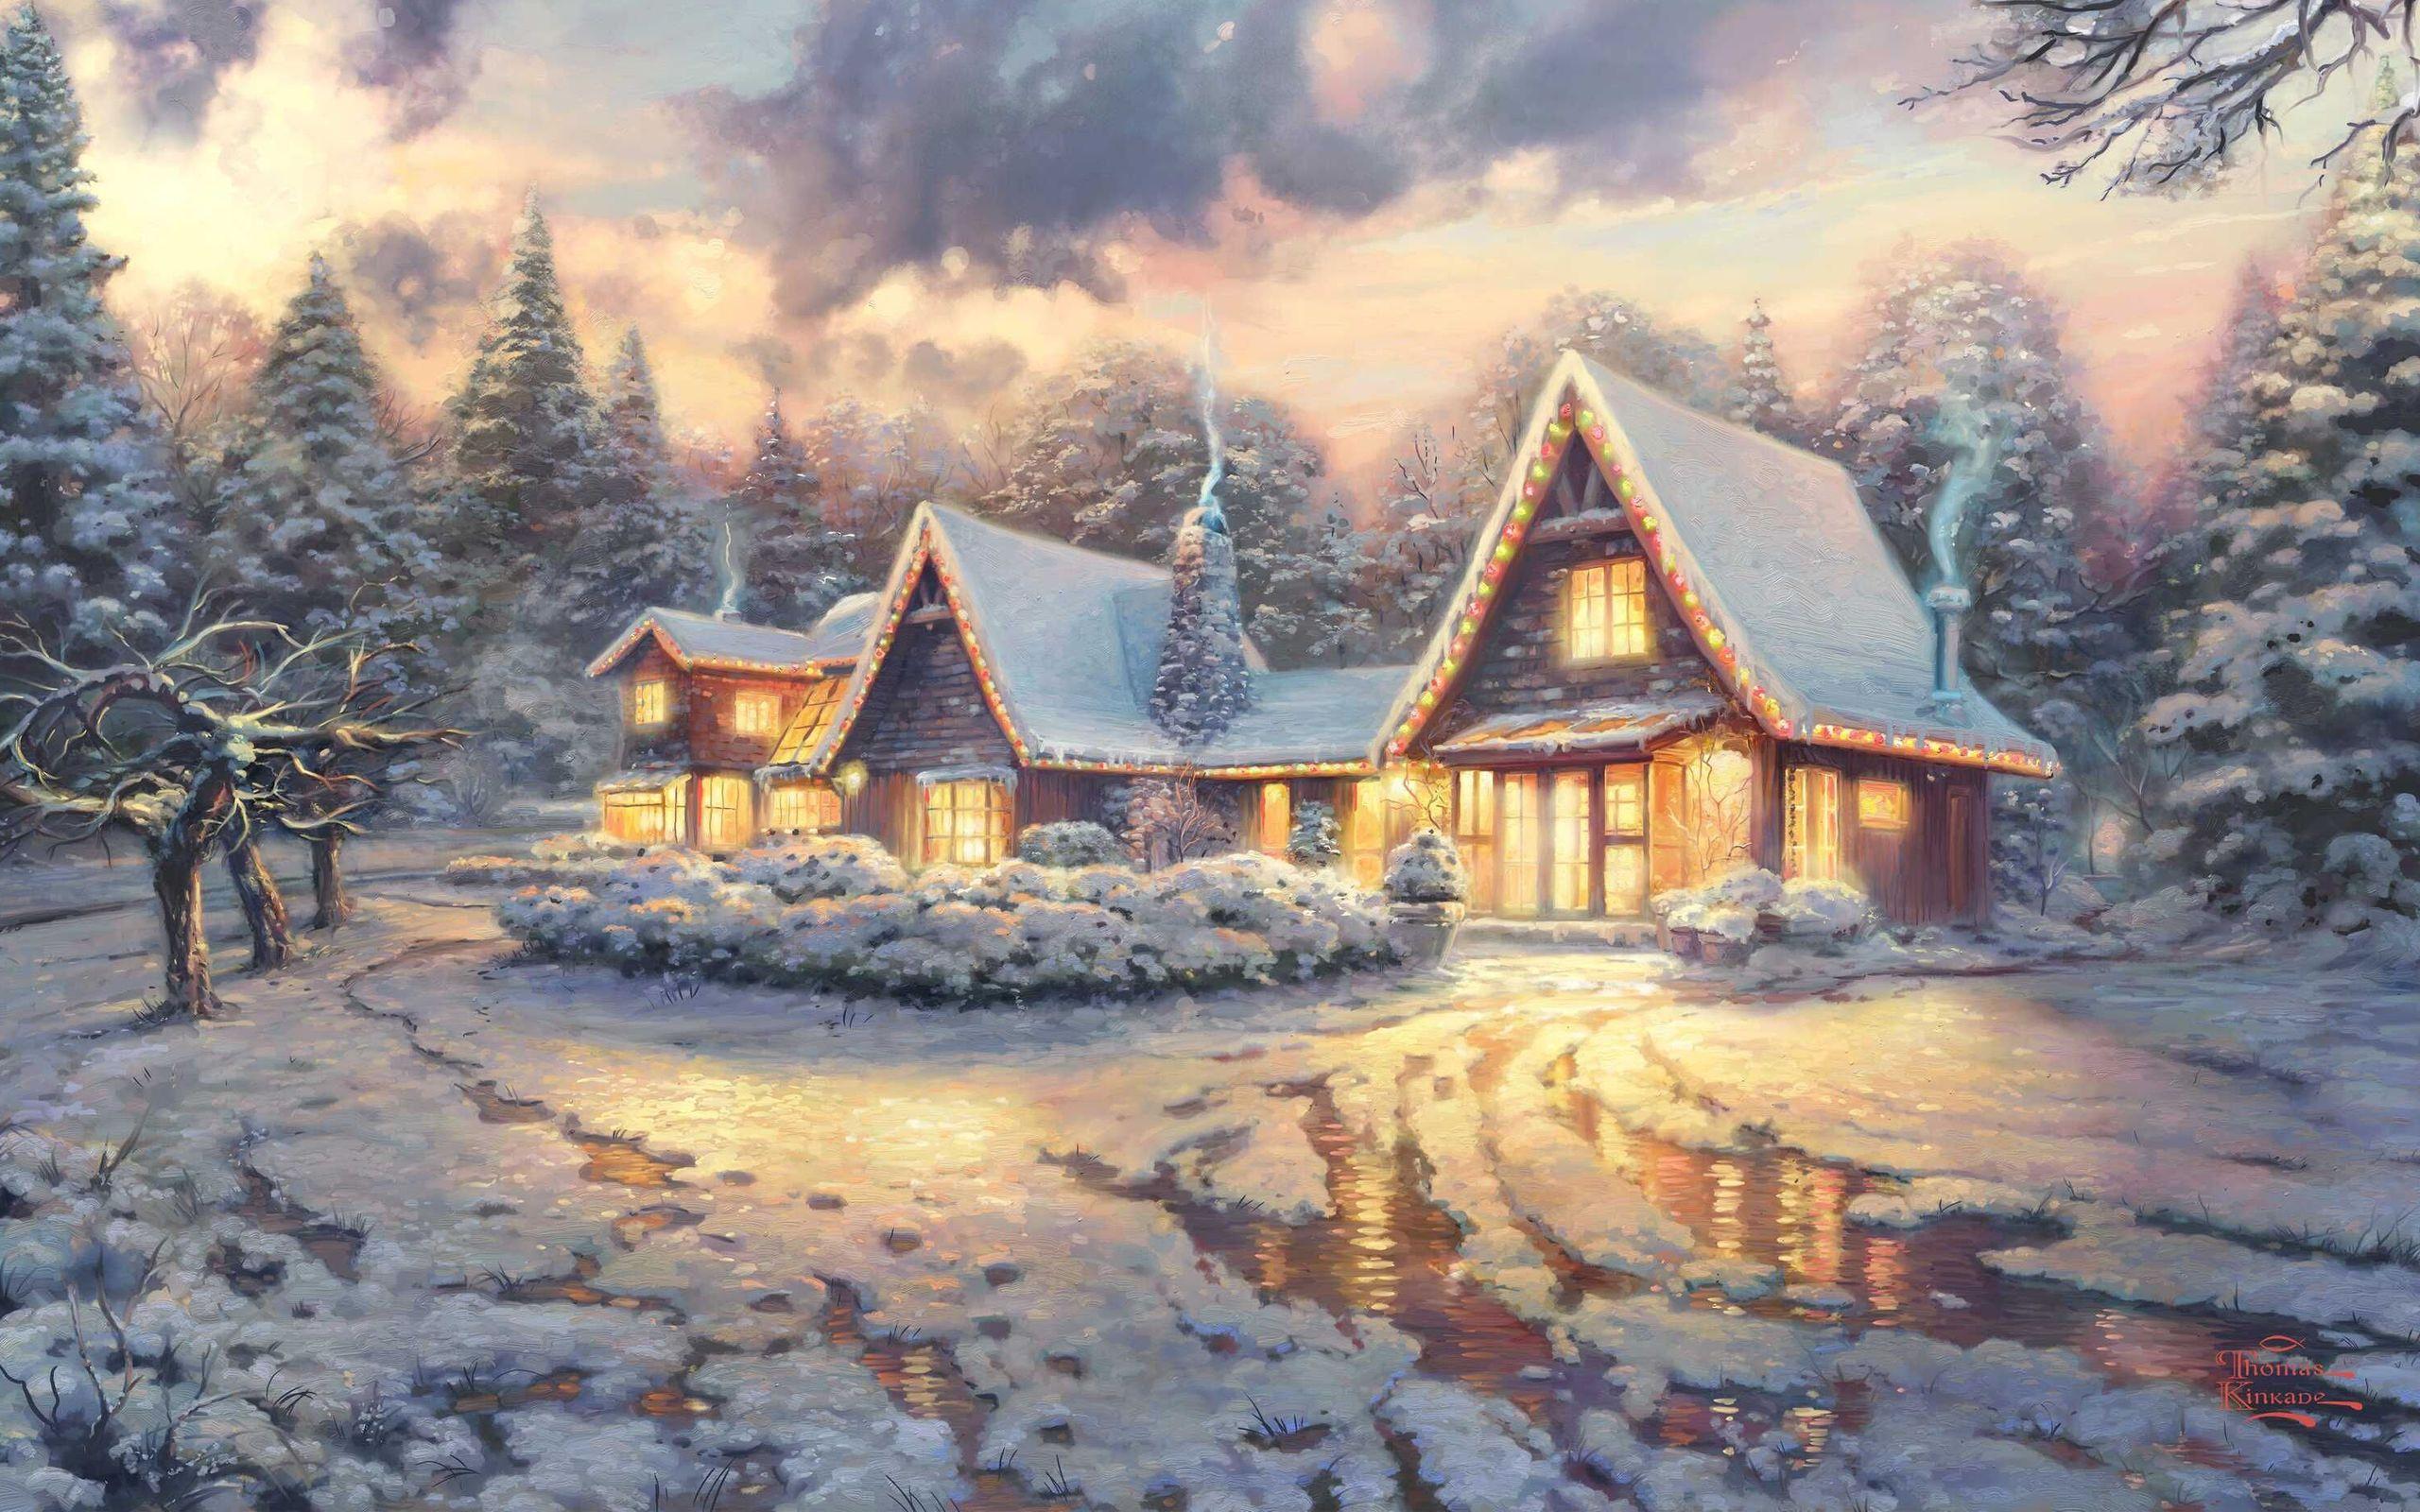 Обои на рабочий стол сказочный домик в зимнем лесу